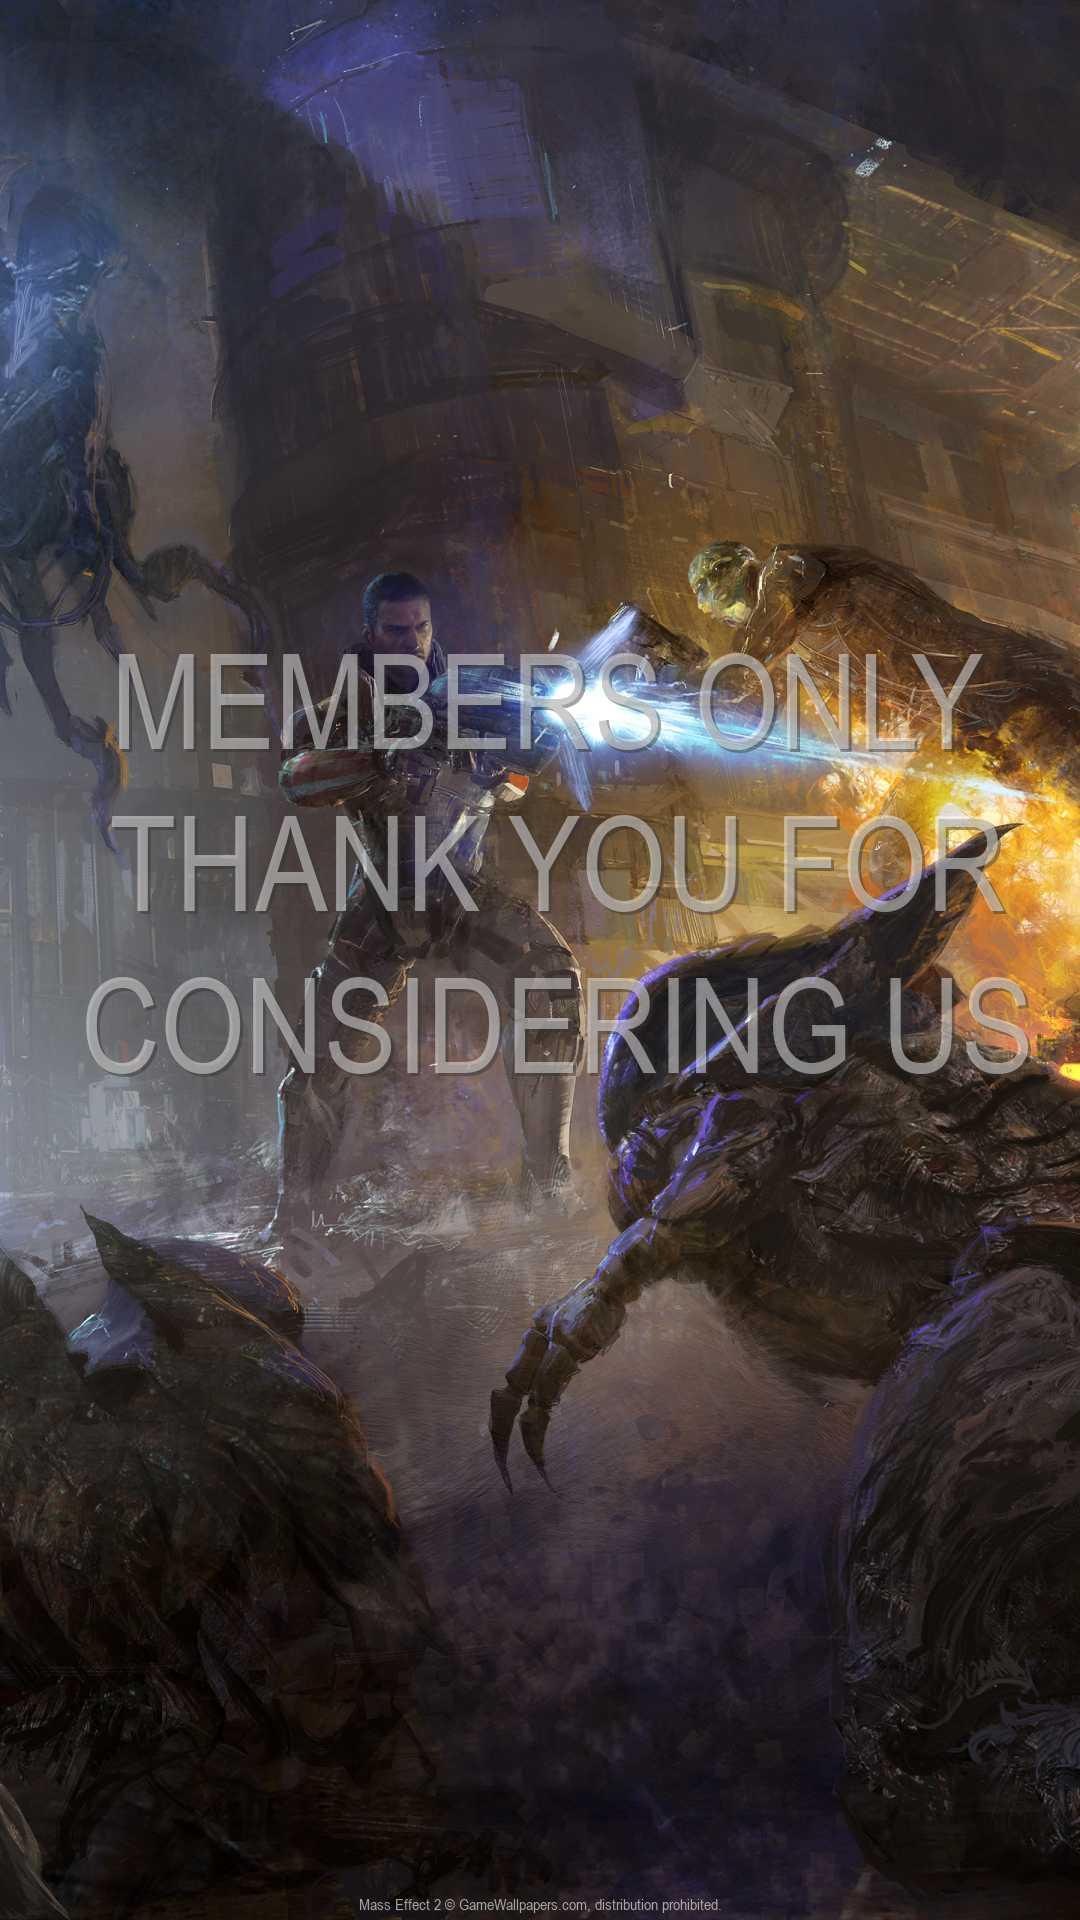 Mass Effect 2 1080p Vertical Handy Hintergrundbild 09